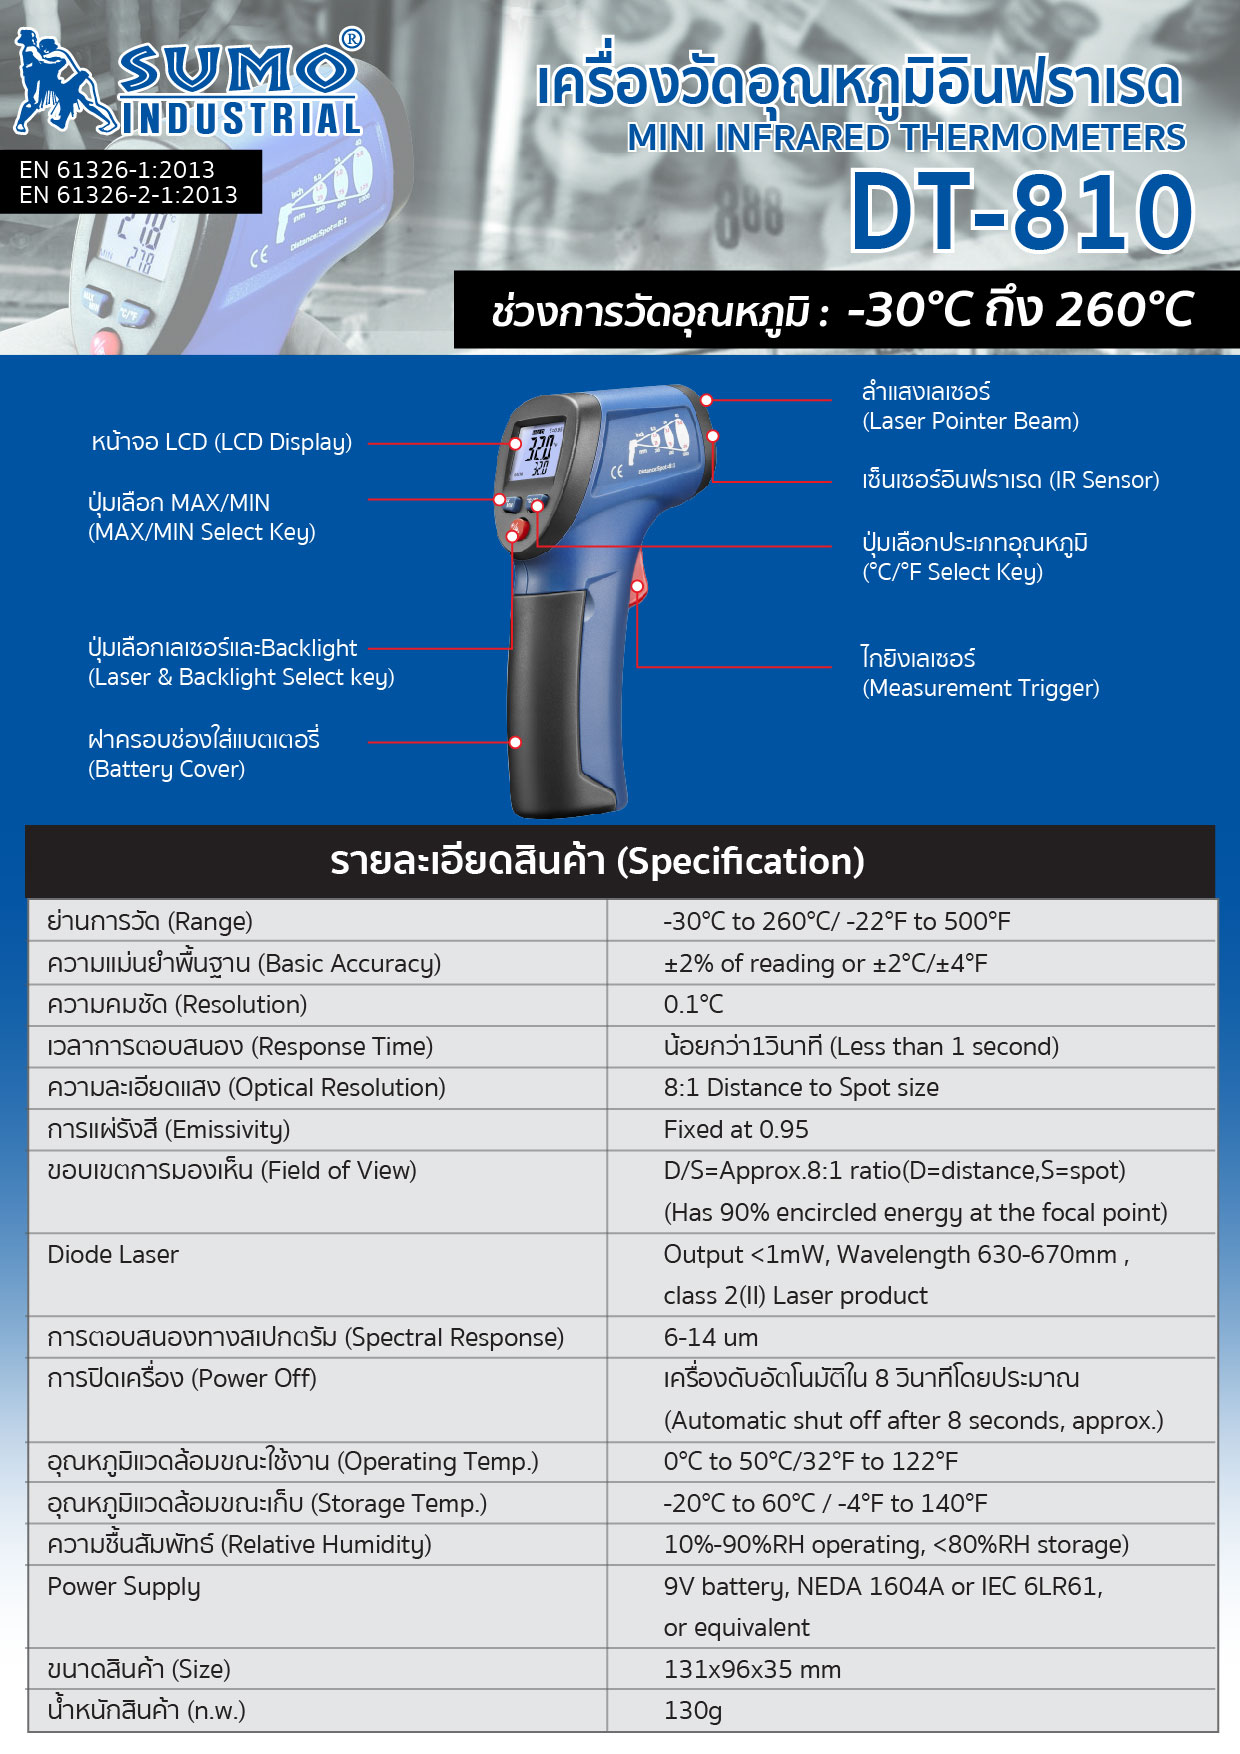 (83/188) เครื่องวัดอุณหภูมิอินฟราเรด รุ่น DT-810 - Mini Infrared Thermometer